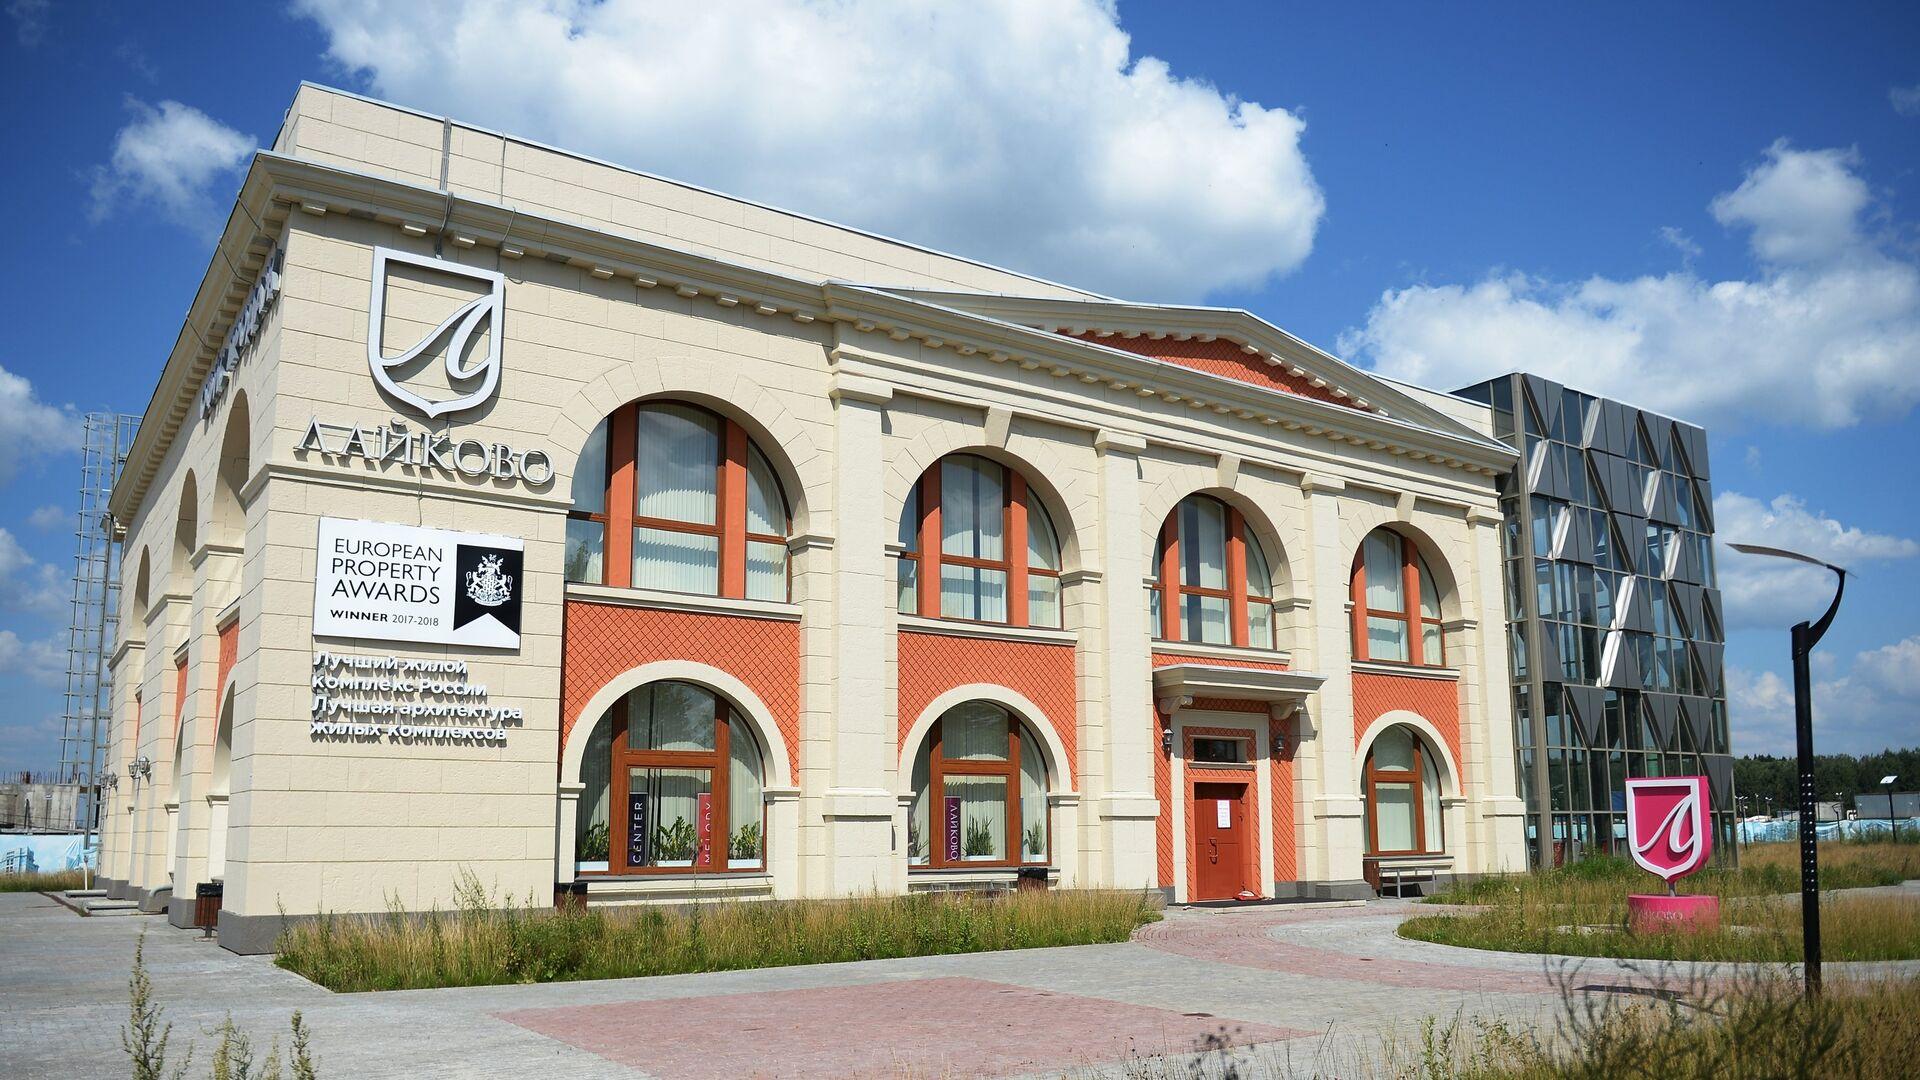 Строительство ЖК Лайково компании Urban Group - РИА Новости, 1920, 21.01.2021